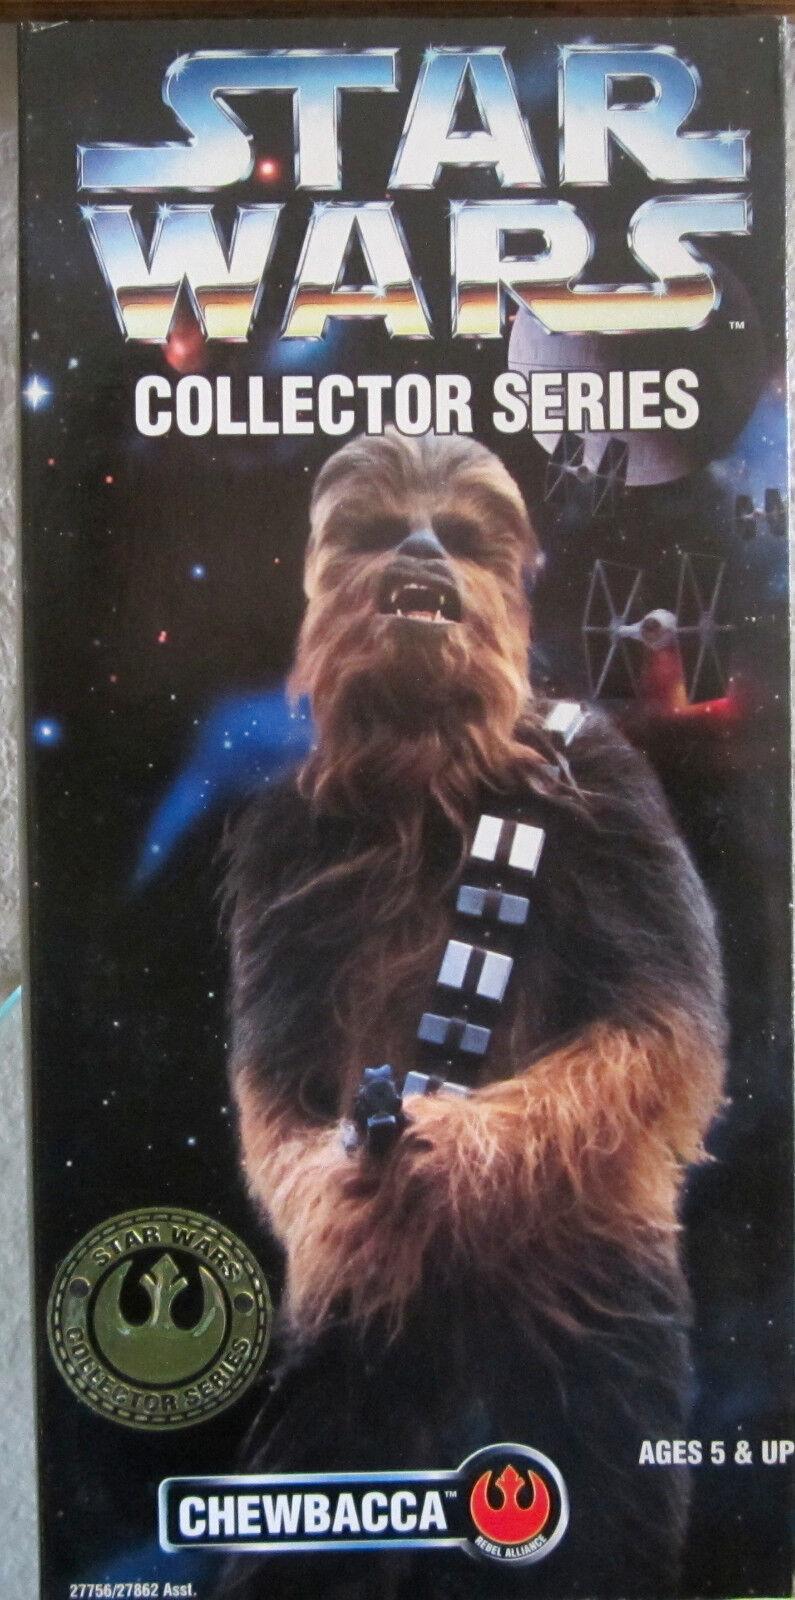 Star Wars Collecteur Séries Chewbacca Alliance Rebelle  12   Figurine Articulée  offres de vente